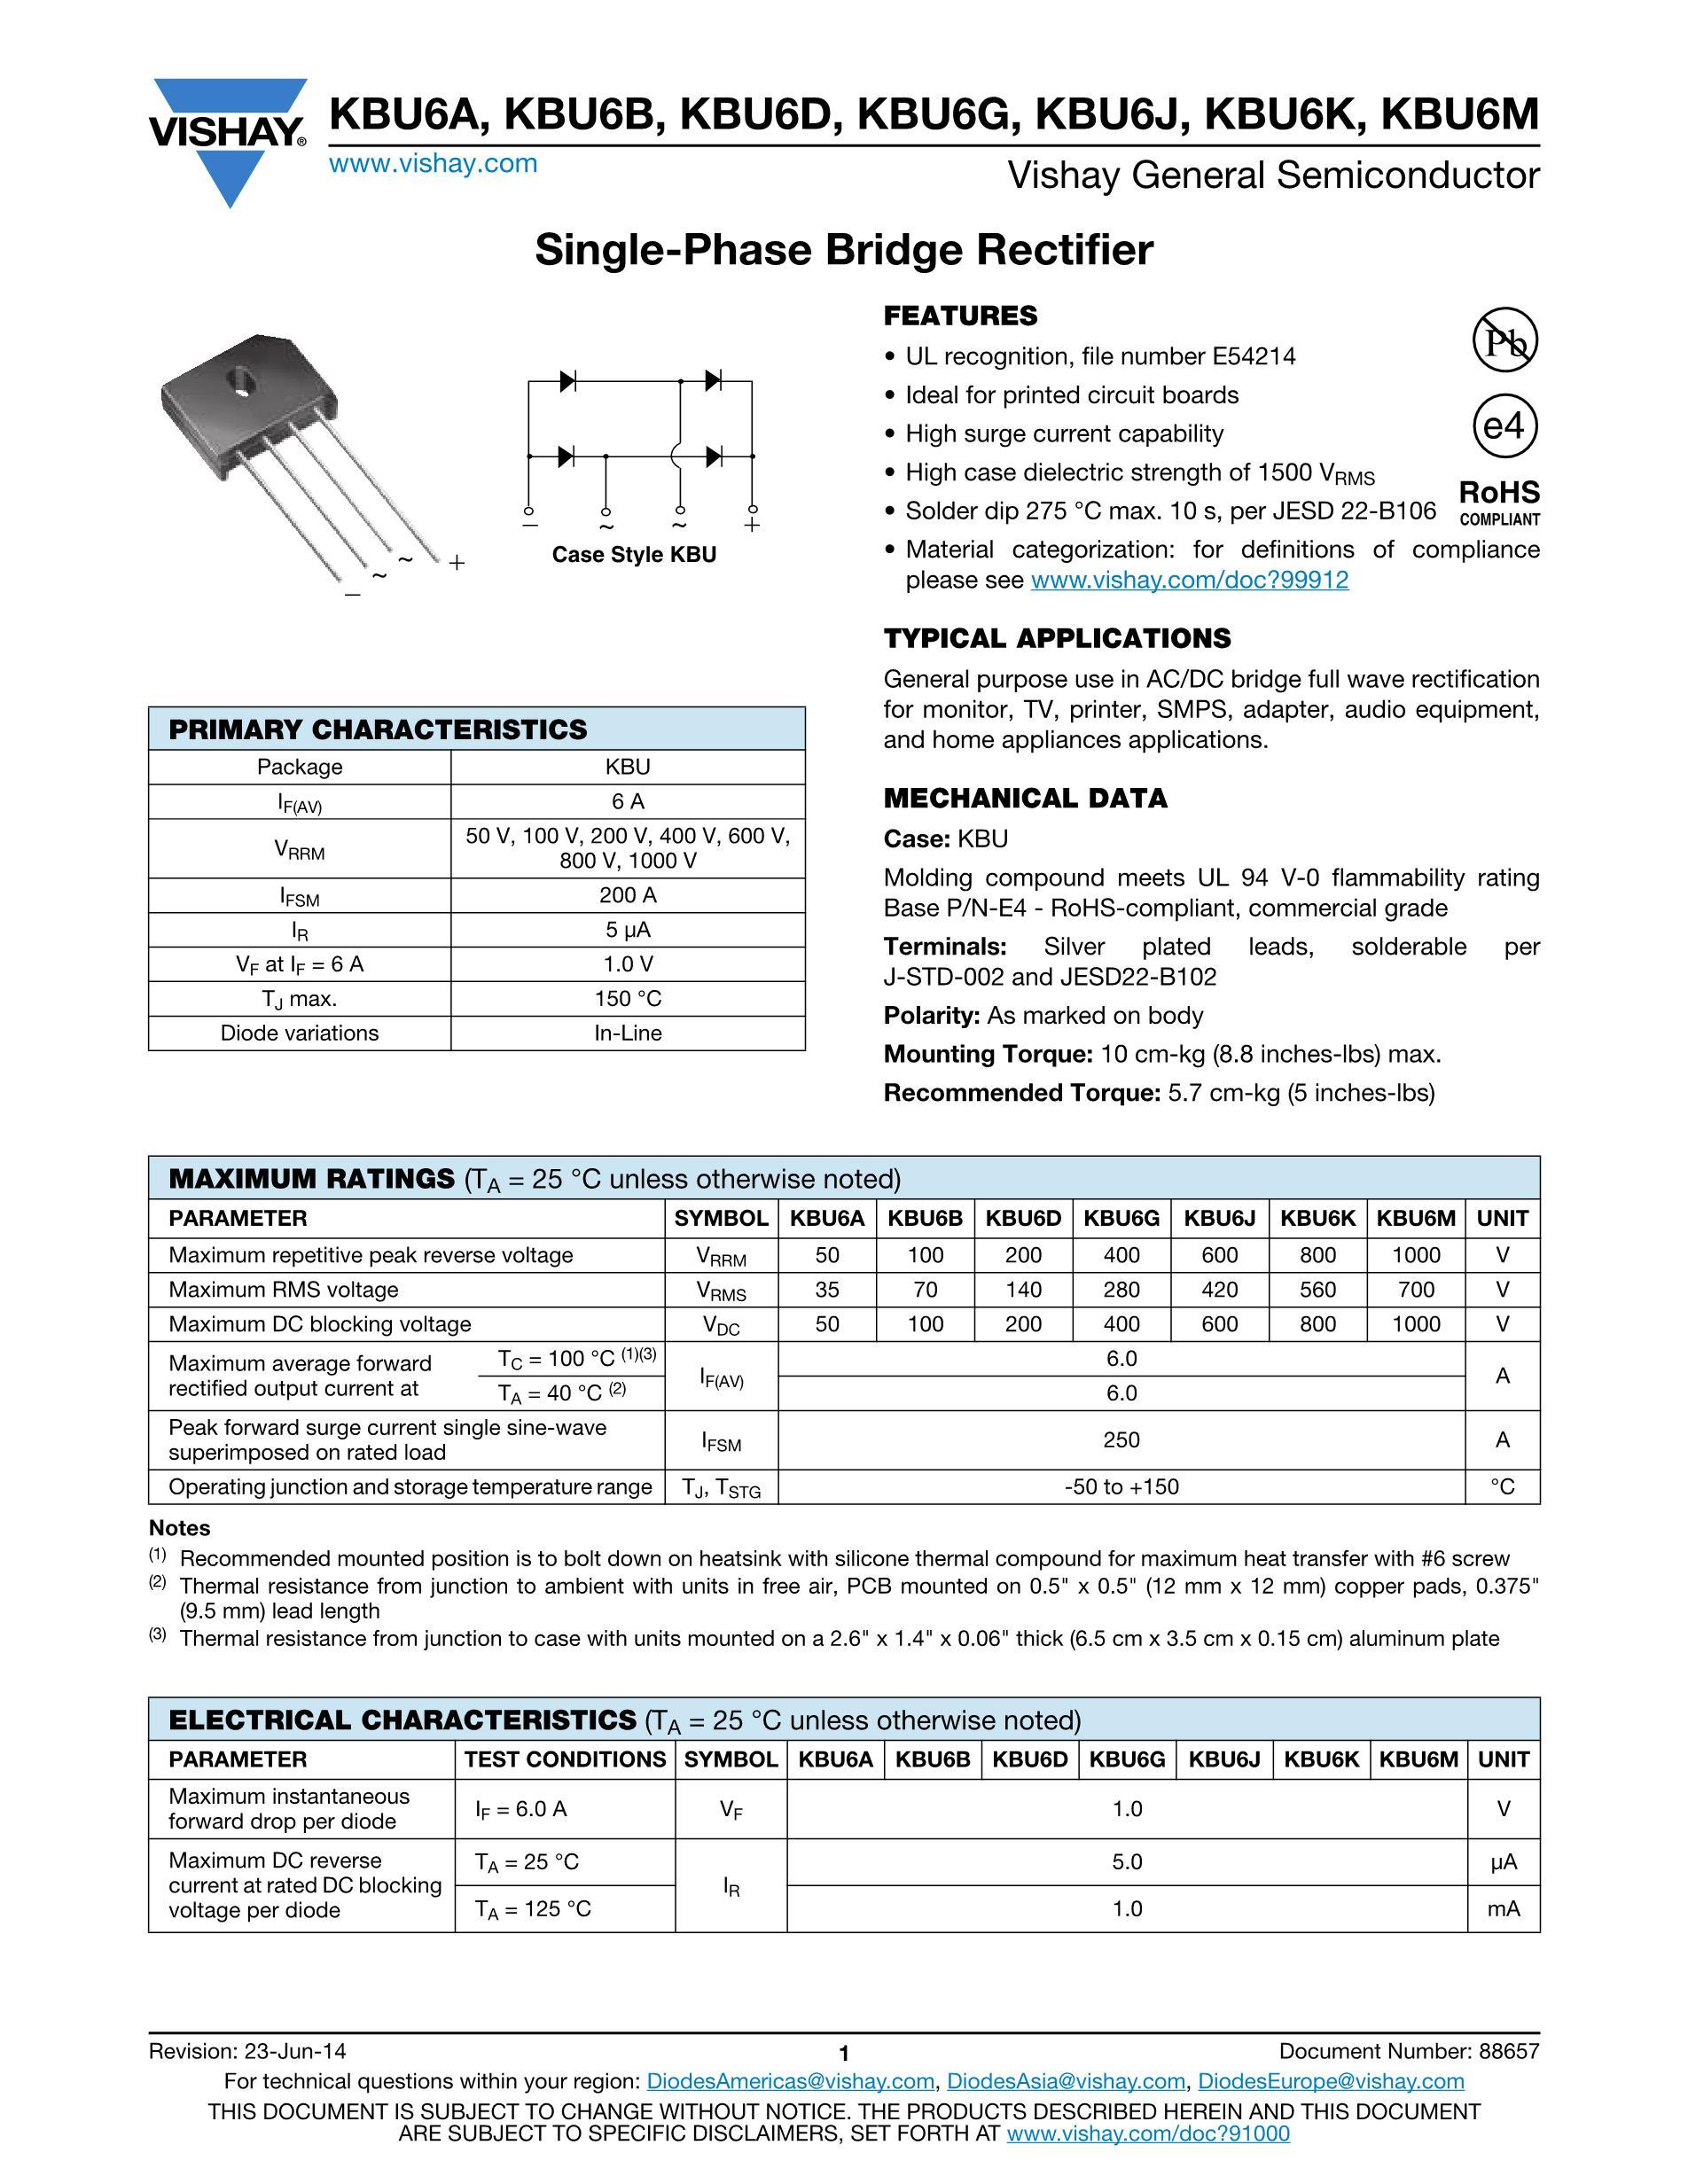 KBU1010  10A 1000V 's pdf picture 1